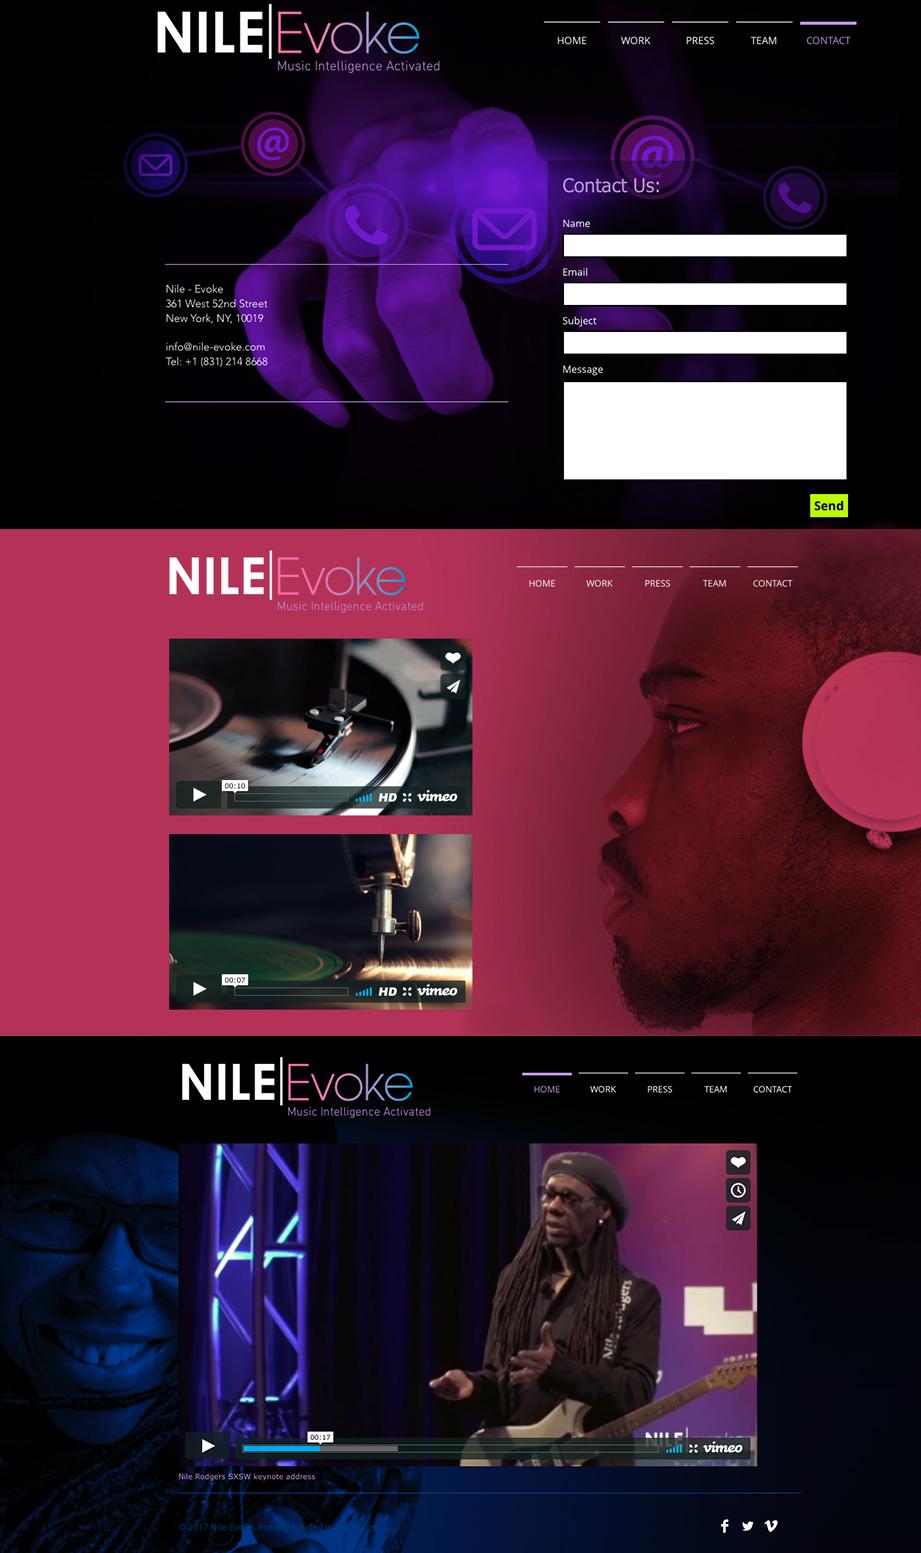 Nile-Evoke website design